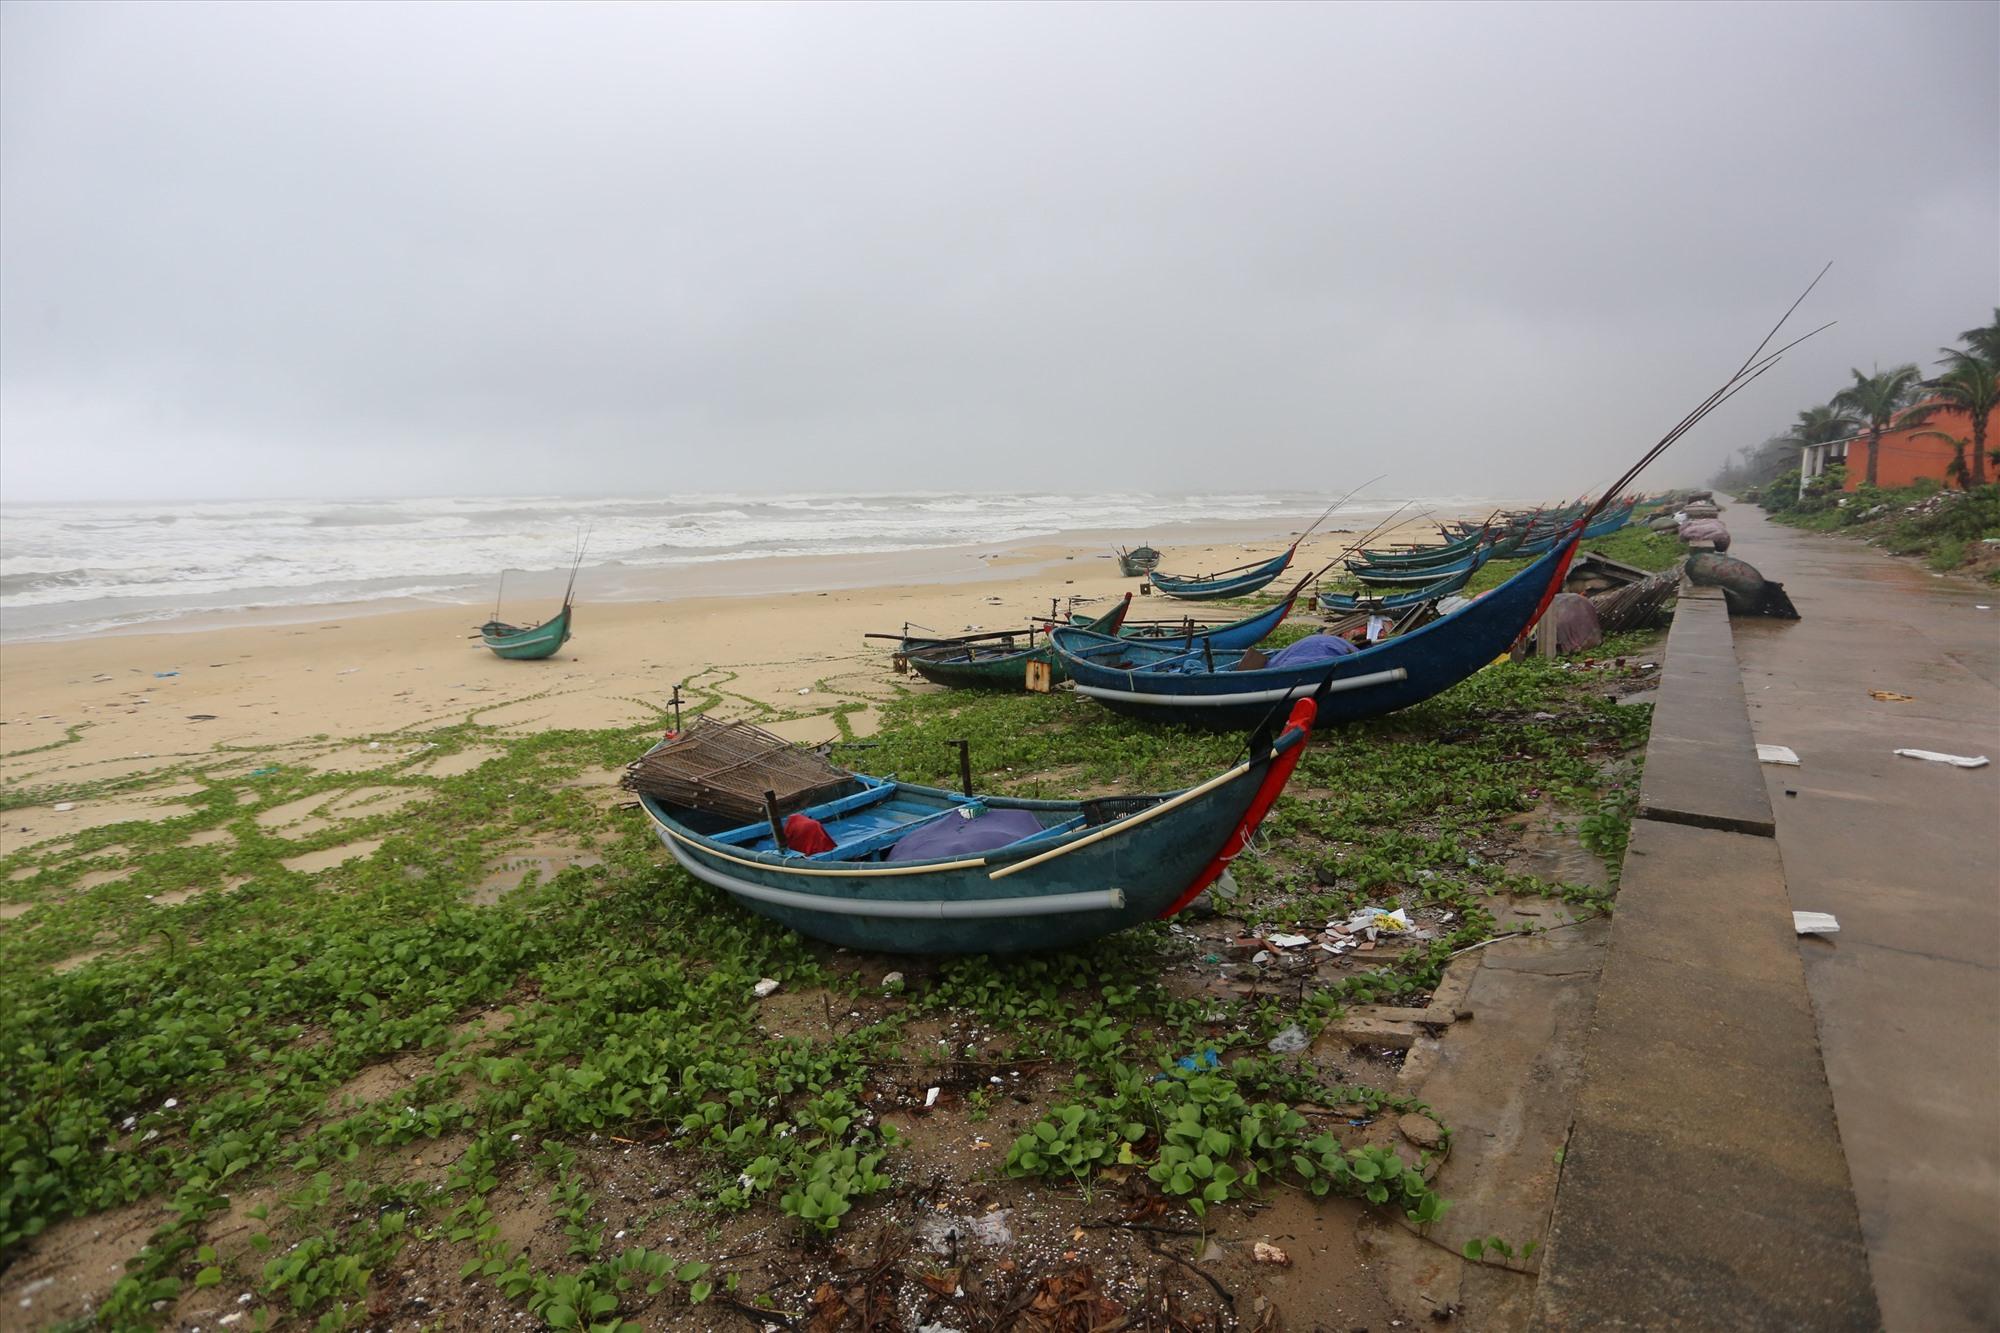 Thuyền đã được ngư dân xã Tam Thanh kéo lên bờ. Ảnh: H.Đ